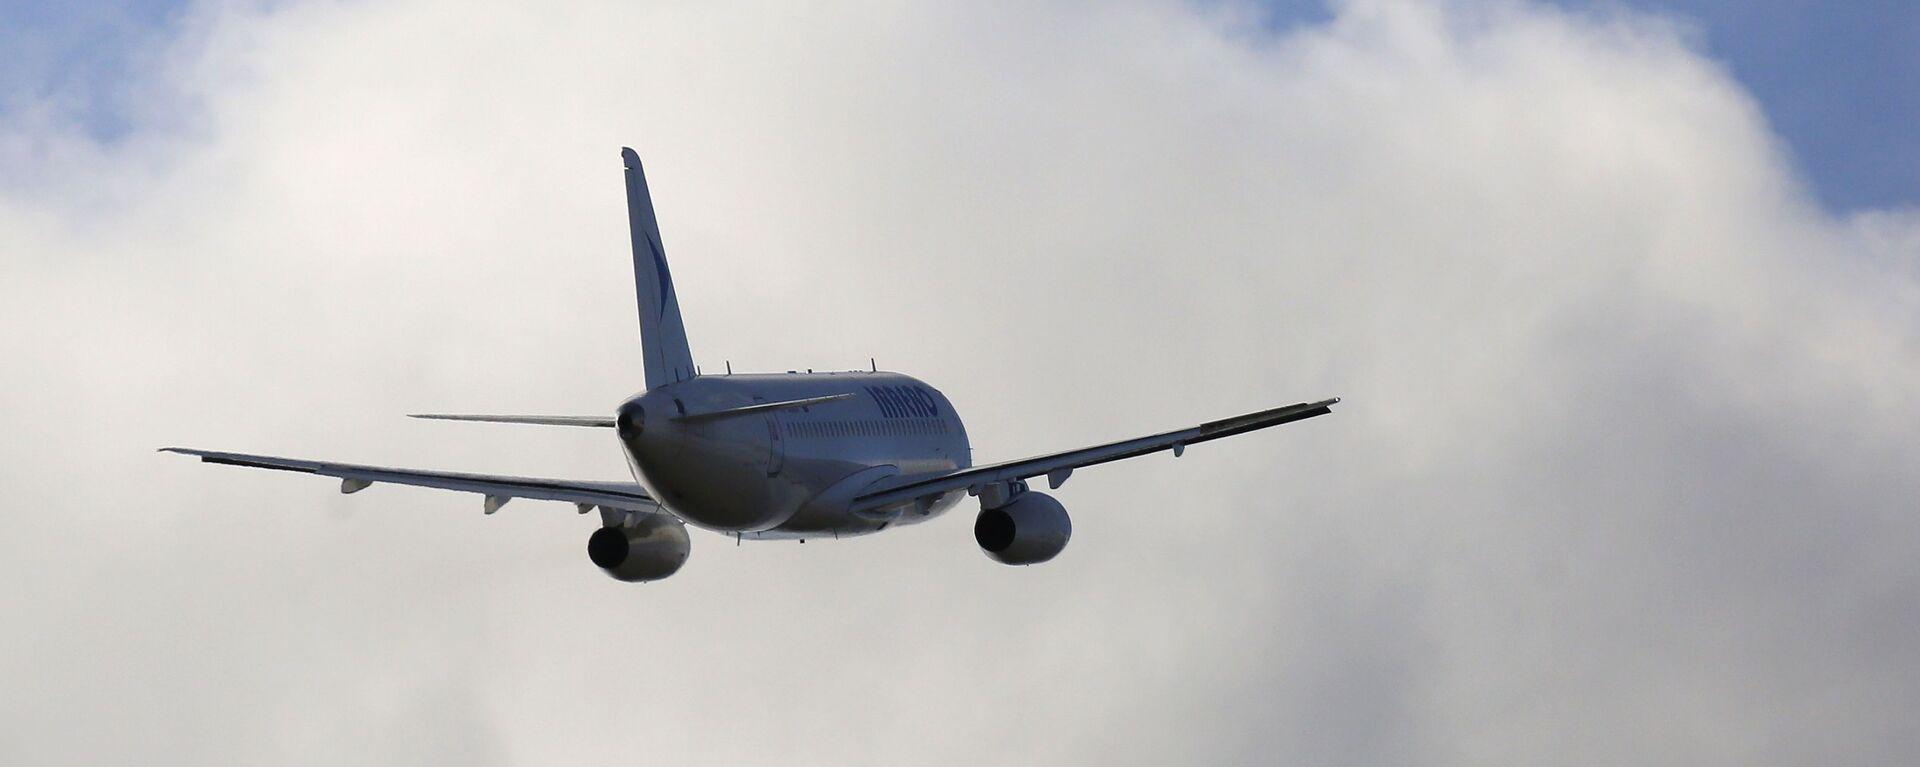 Пассажирский самолет вылетает из аэропорта города Красноярска - Sputnik Таджикистан, 1920, 30.03.2021